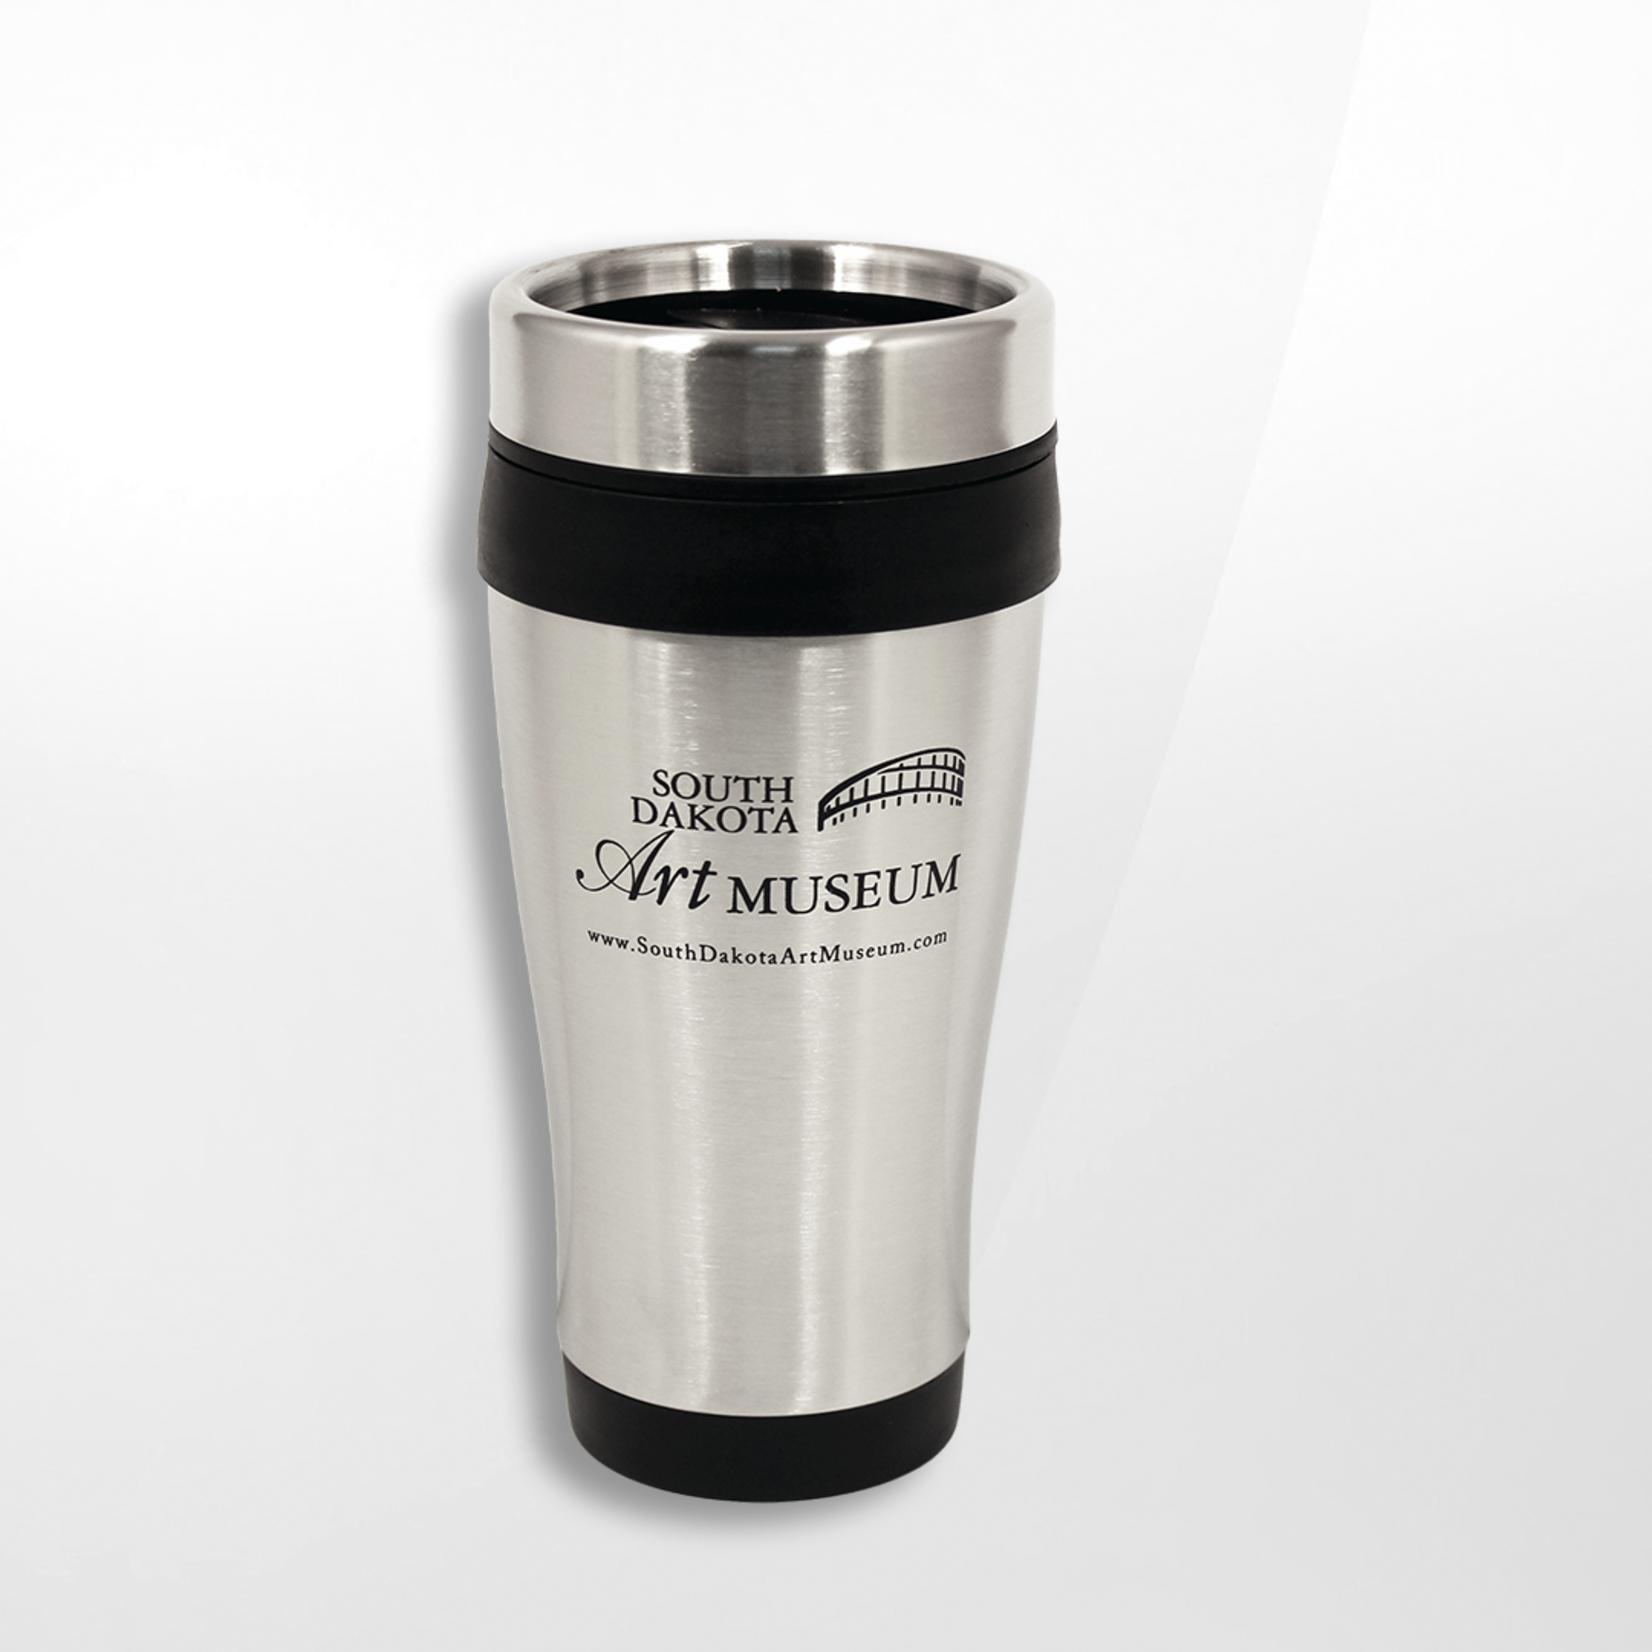 SDAM Insulated Travel Mug